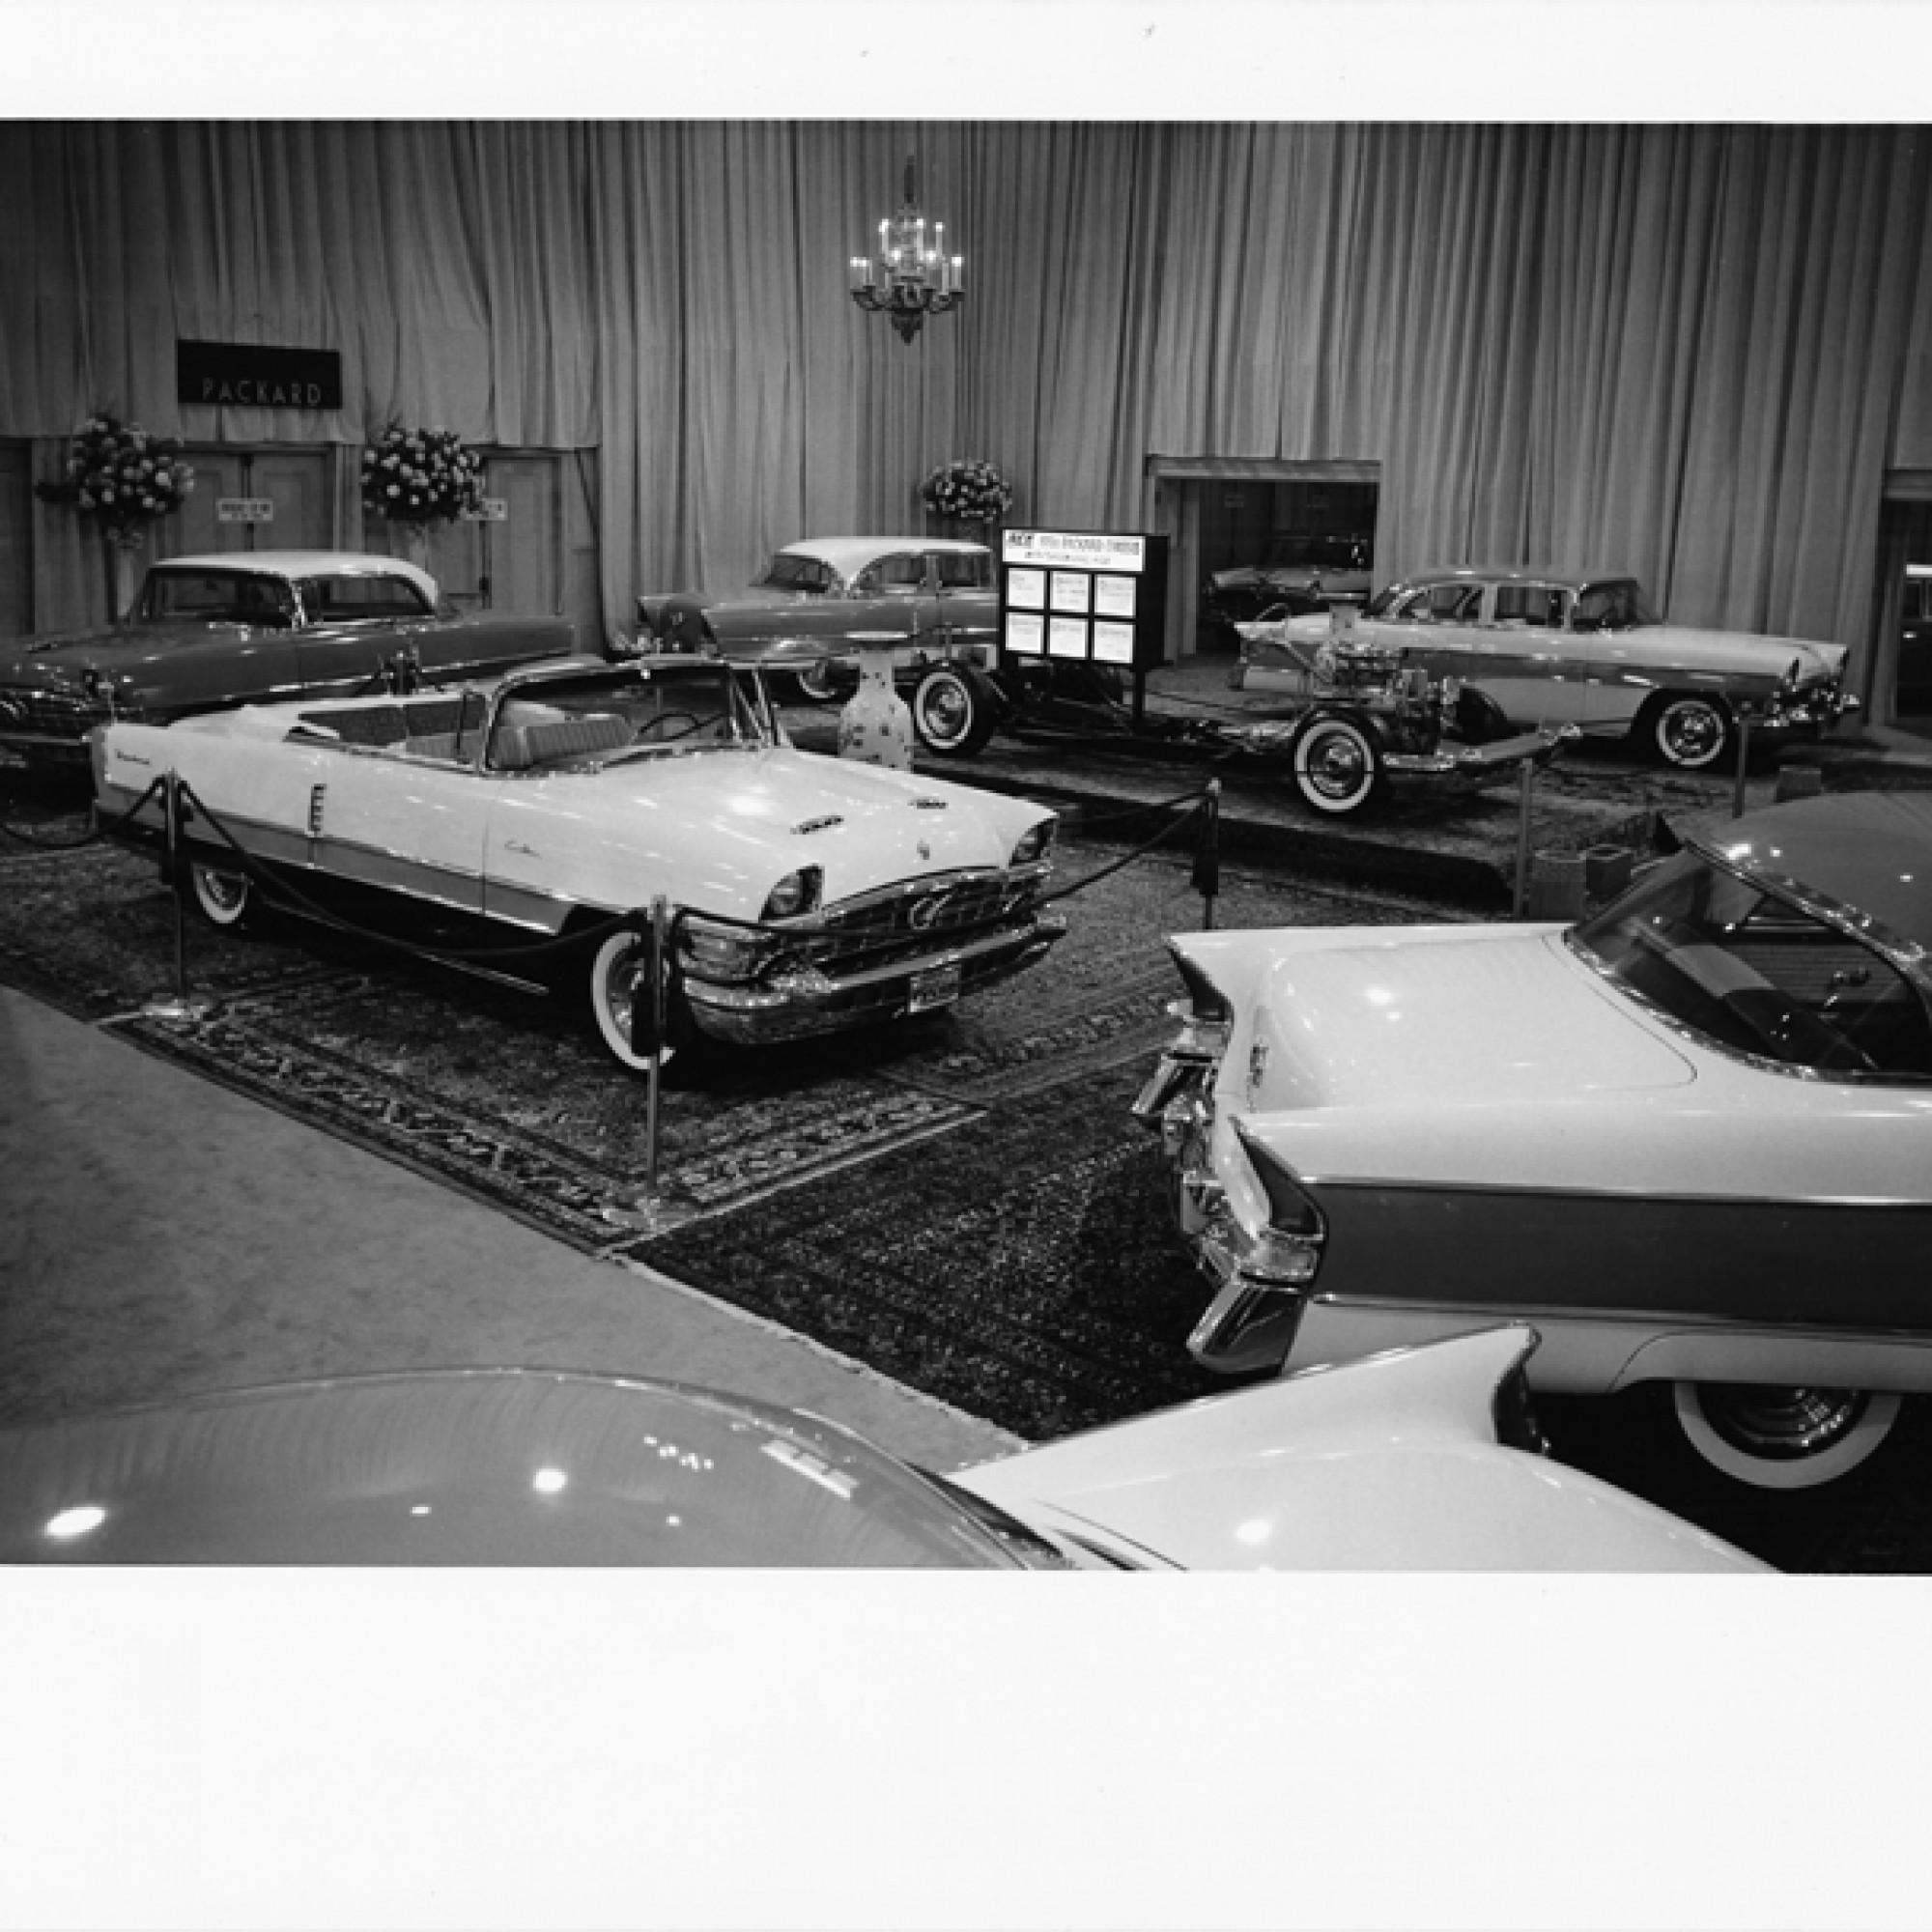 Kronleuchter und dicke Teppiche im Showroom der Fabrik, um 1954. (Hugo90, flickr, CC)